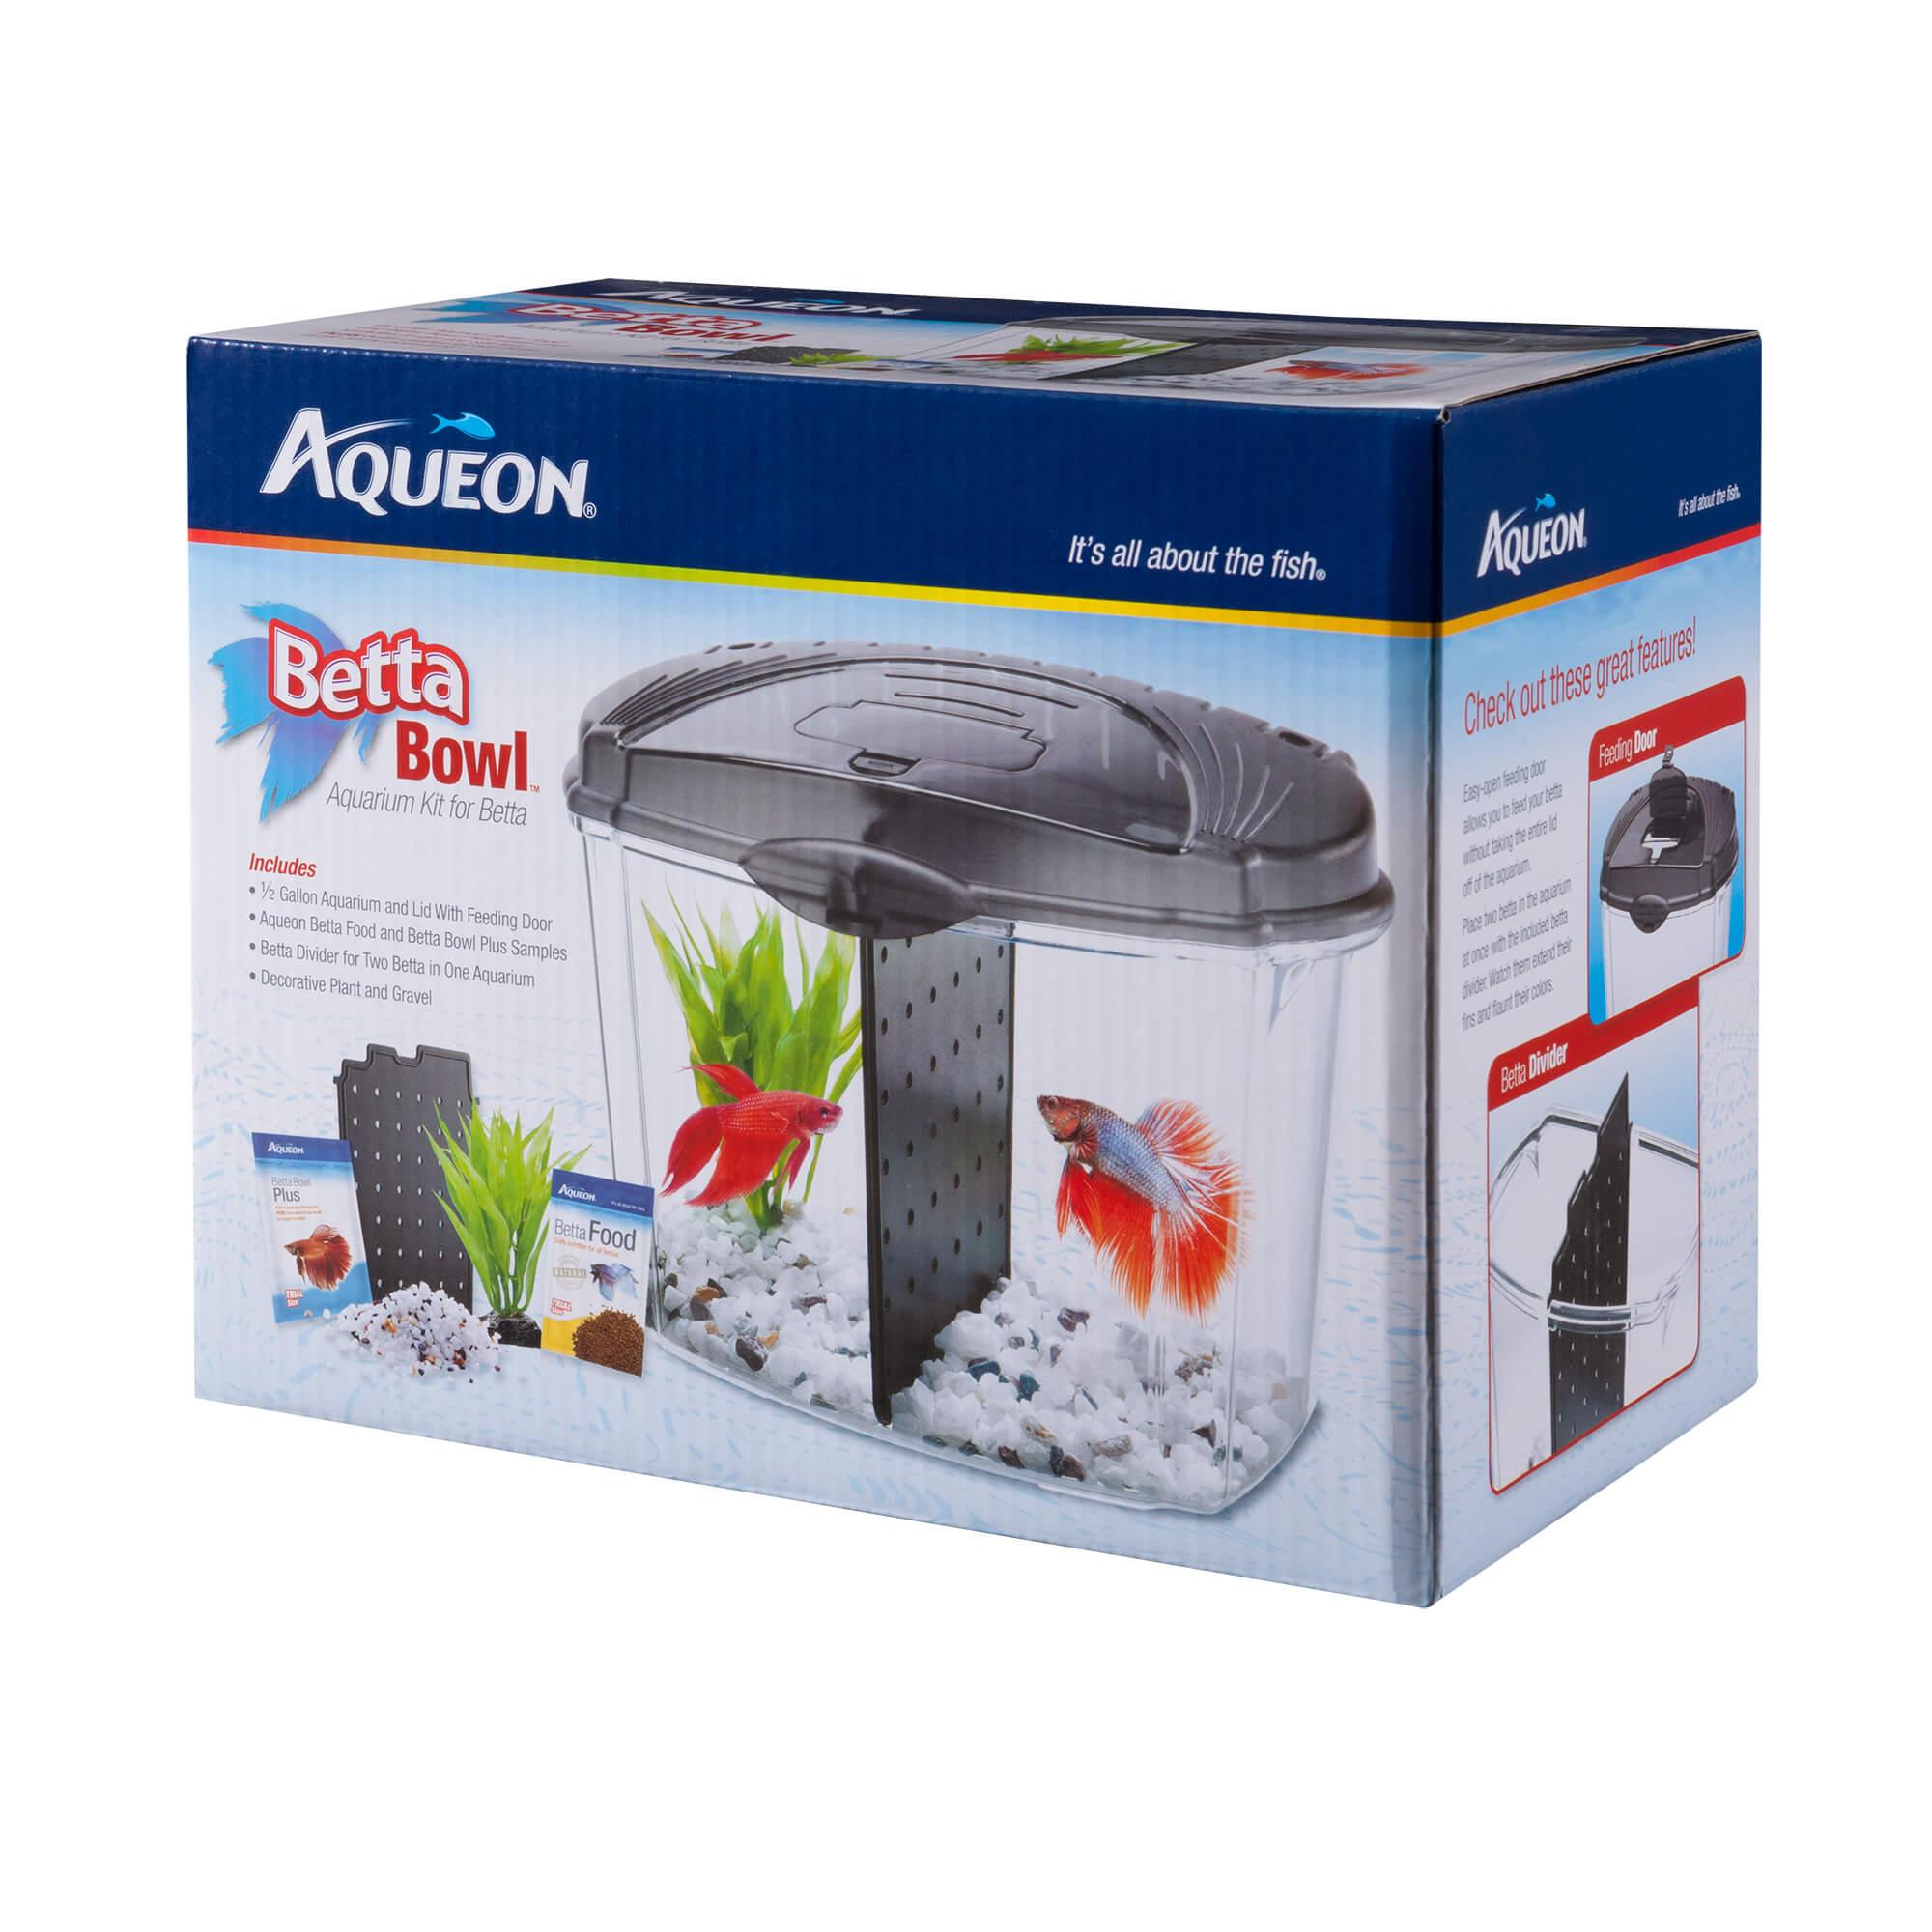 Aqueon Betta Bowl Aquarium Kits, Black, 0.5-gallon